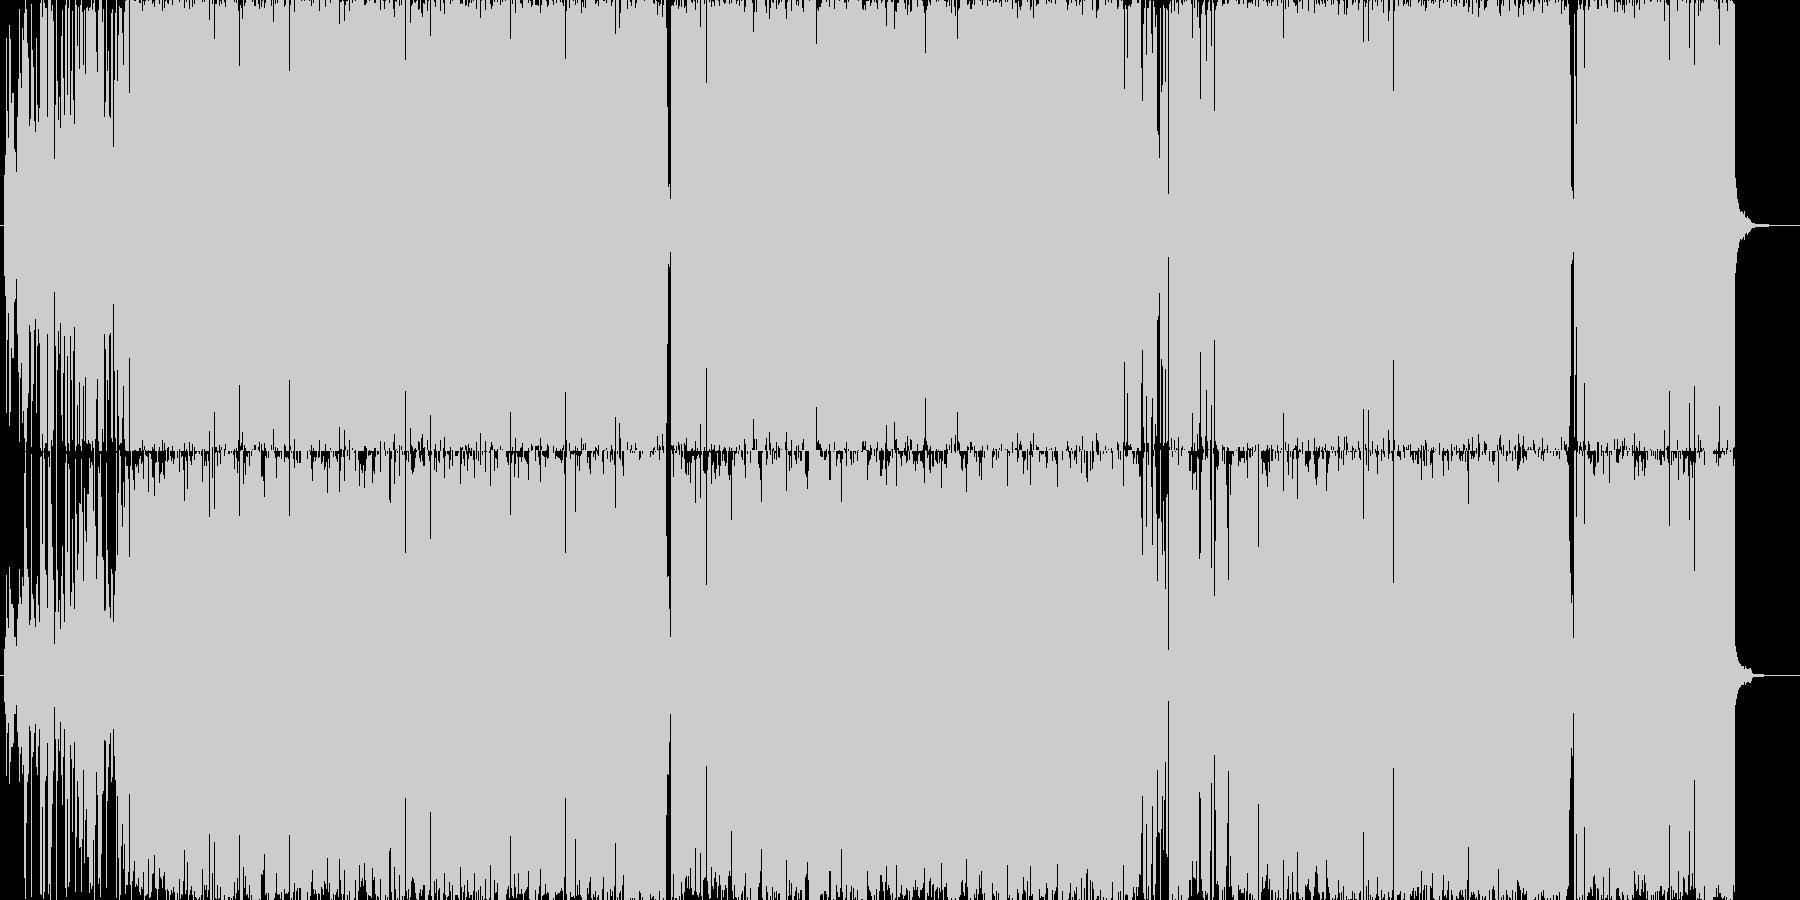 ファンキーでジャジーで思わず踊っちゃう!の未再生の波形